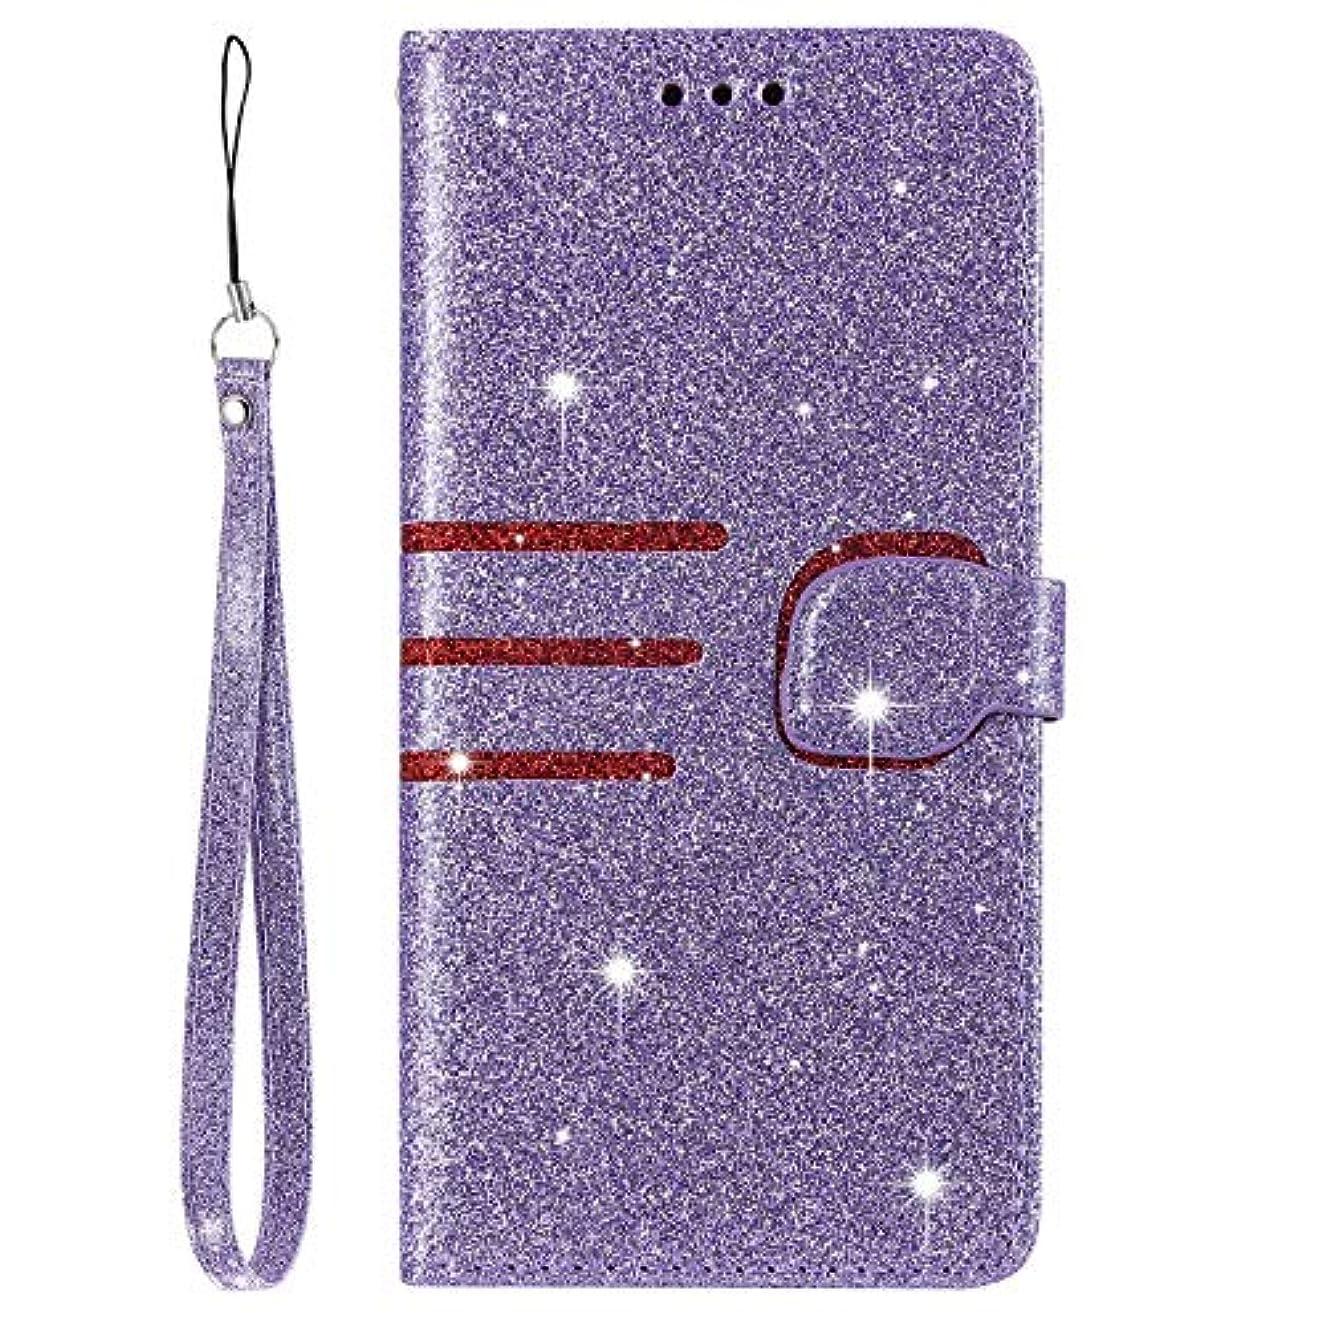 成果慎重に料理をするHuawei P Smart ケース, OMATENTI 高級PUレザー グリッター ケース 手帳型 保護ケース カード収納ホルダー付き 横置きスタンド機能付き Huawei P Smart 用 Case Cover, 紫の